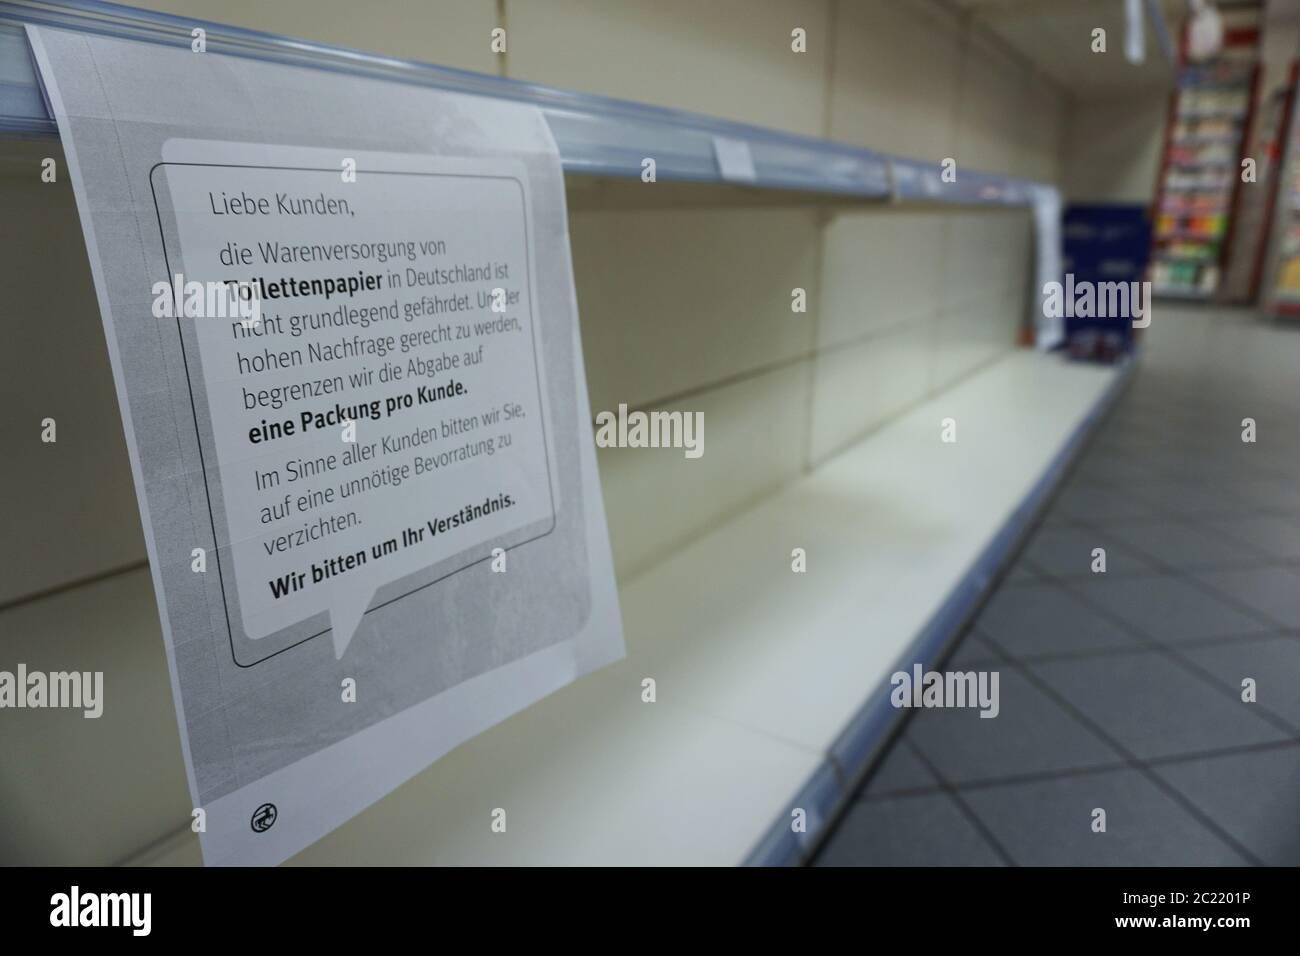 Hamster Kaufen Stockfotos Und Bilder Kaufen Alamy